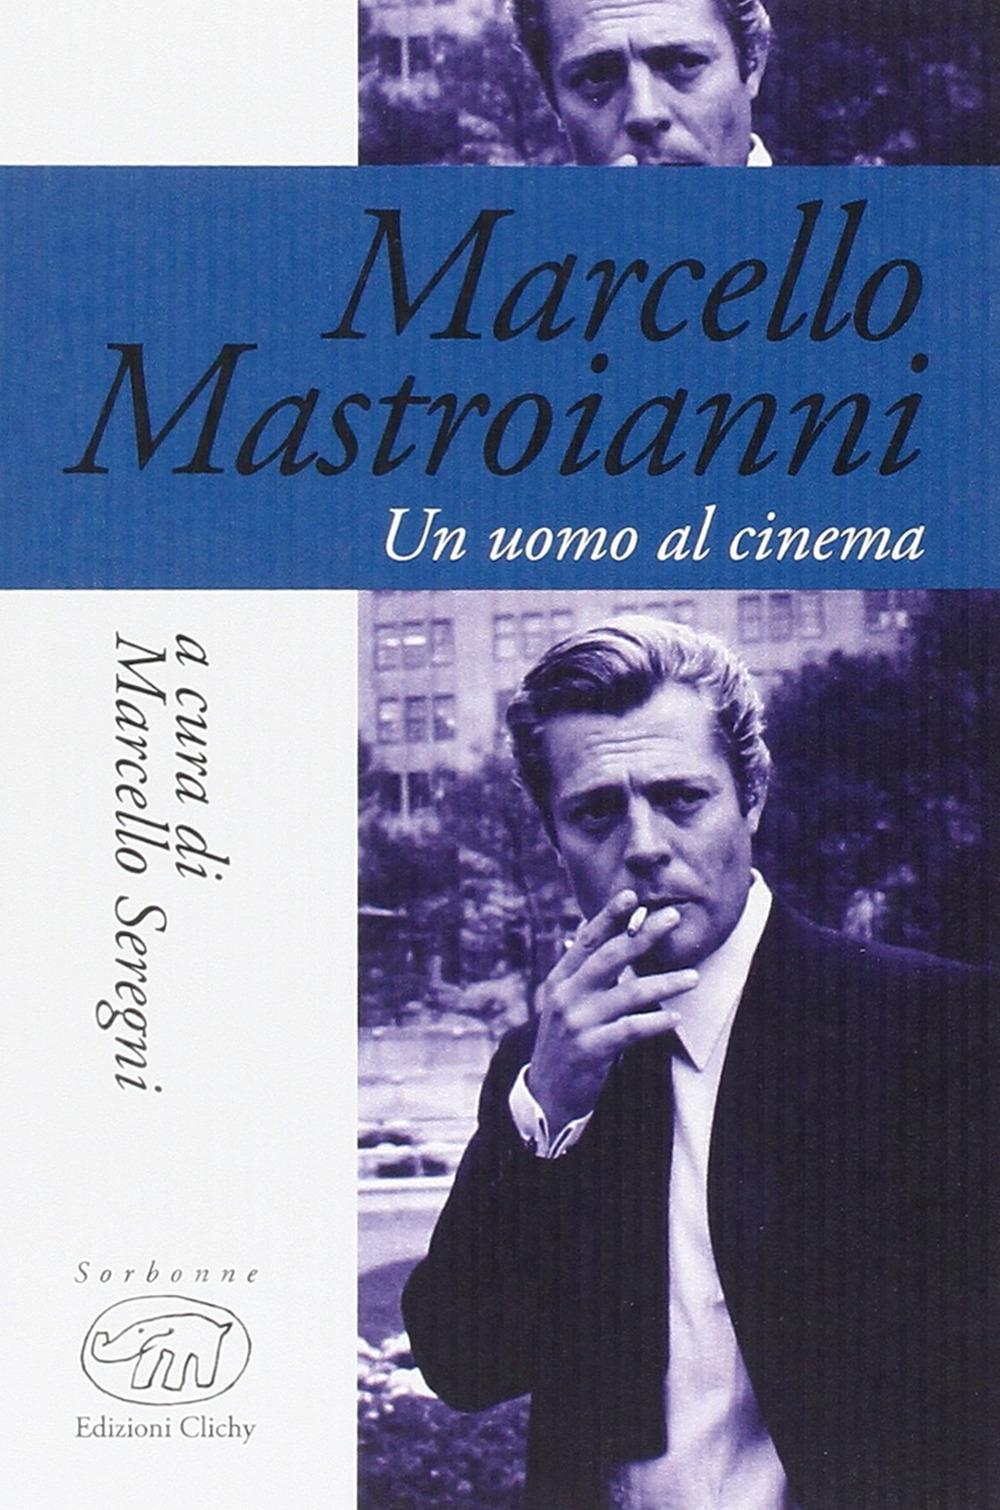 Marcello Mastroianni. Un uomo al cinema.